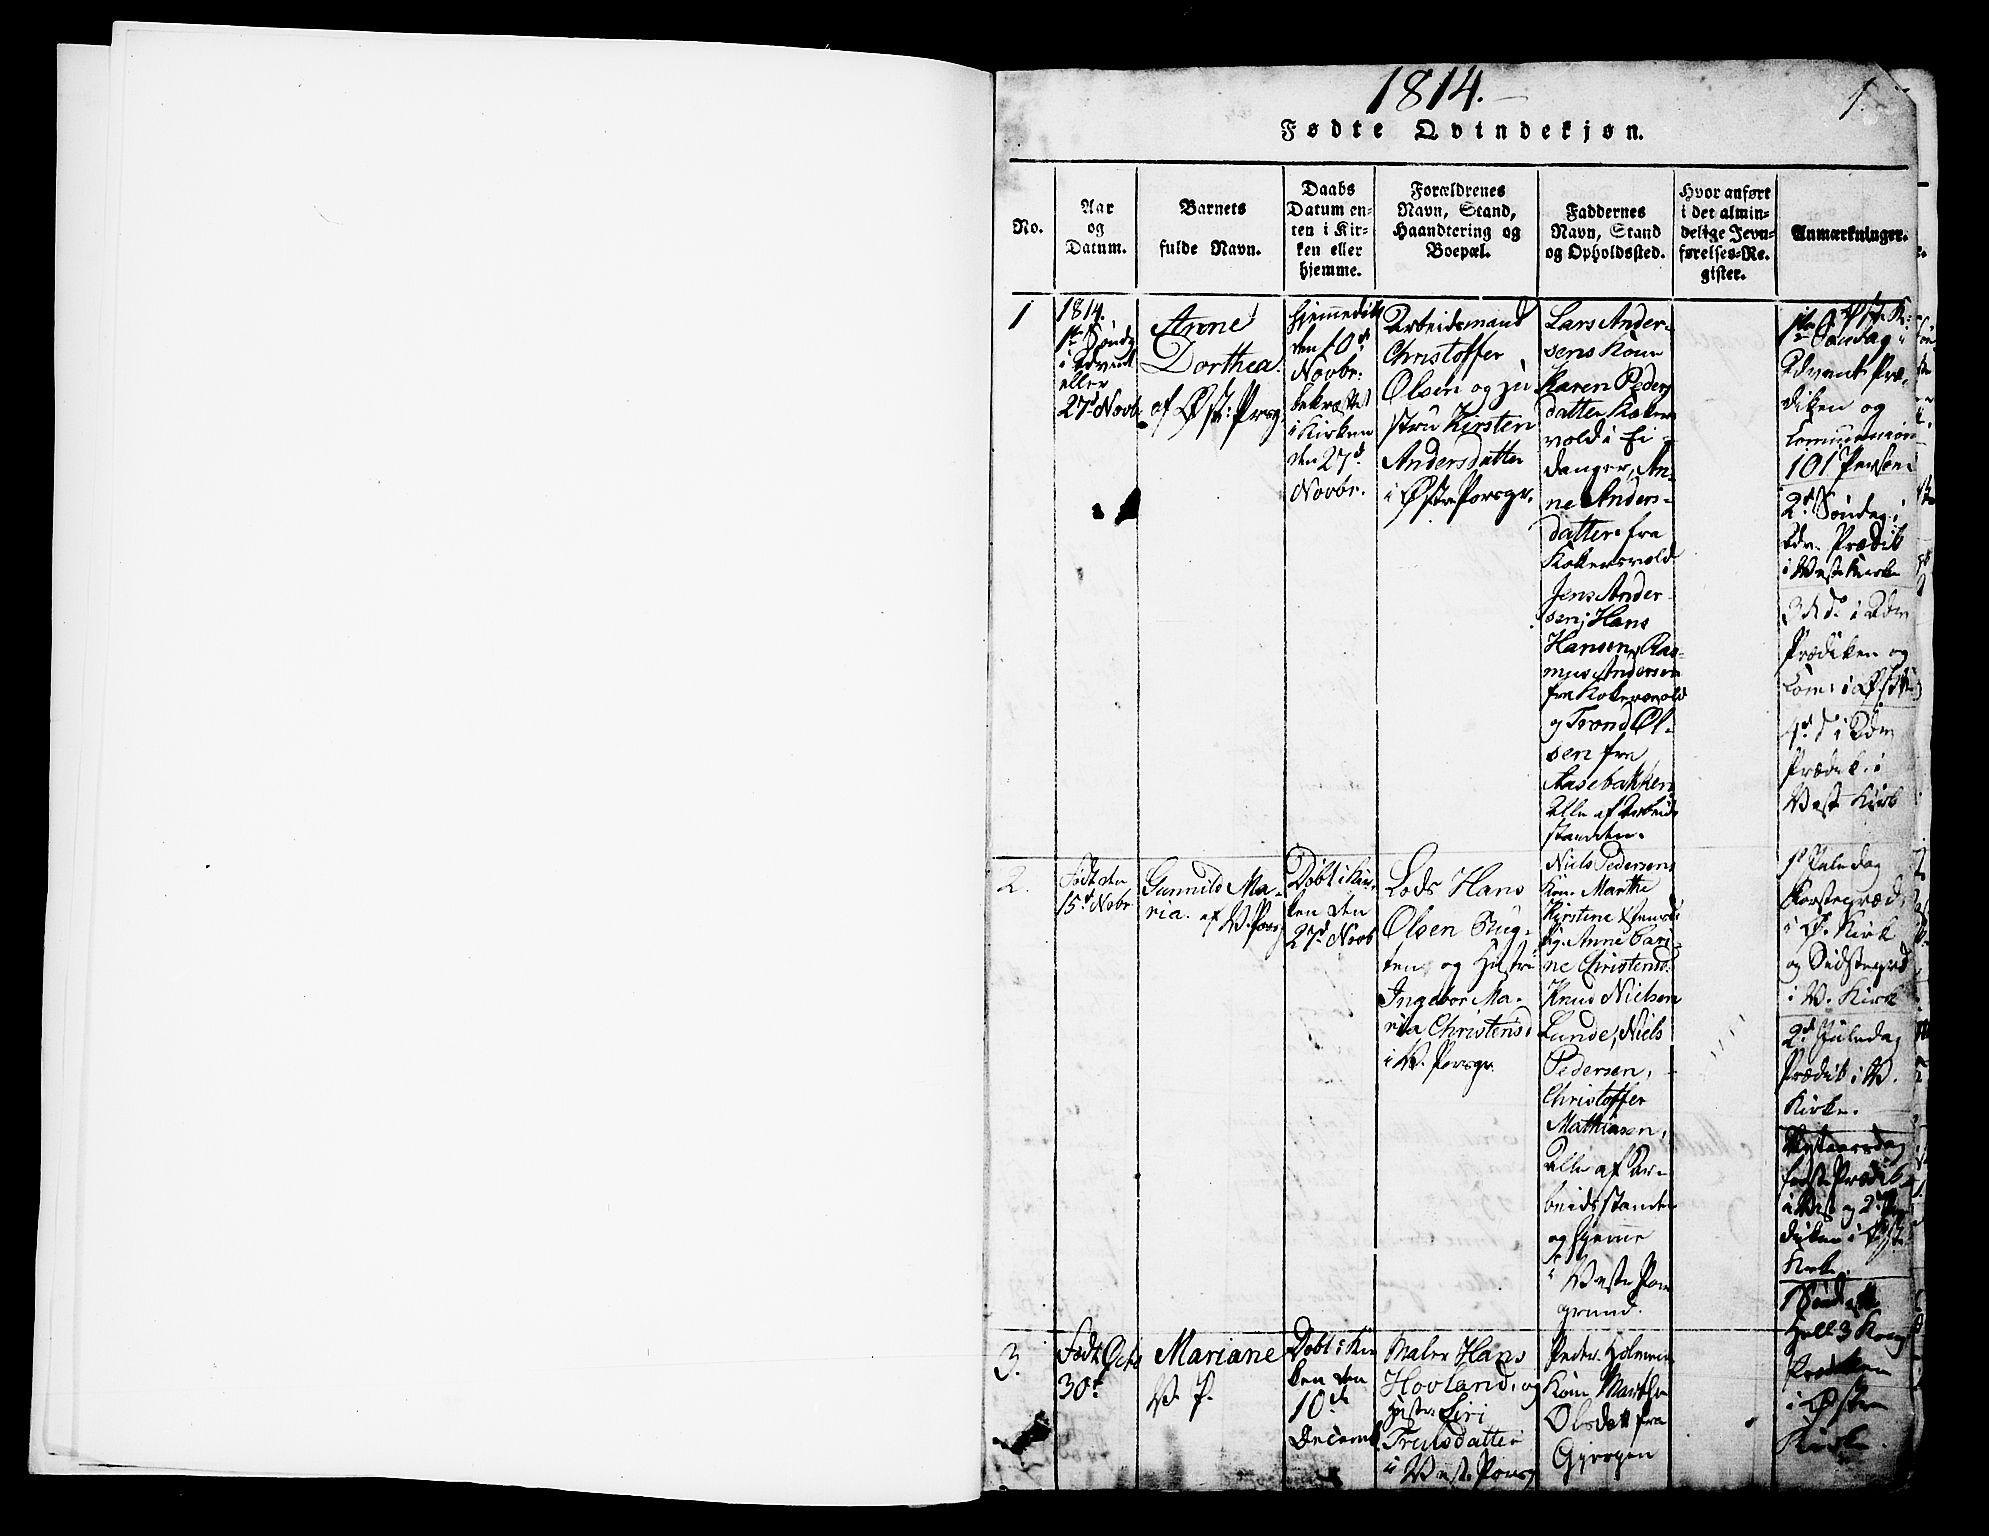 SAKO, Porsgrunn kirkebøker , G/Gb/L0001: Klokkerbok nr. II 1, 1817-1828, s. 0-1